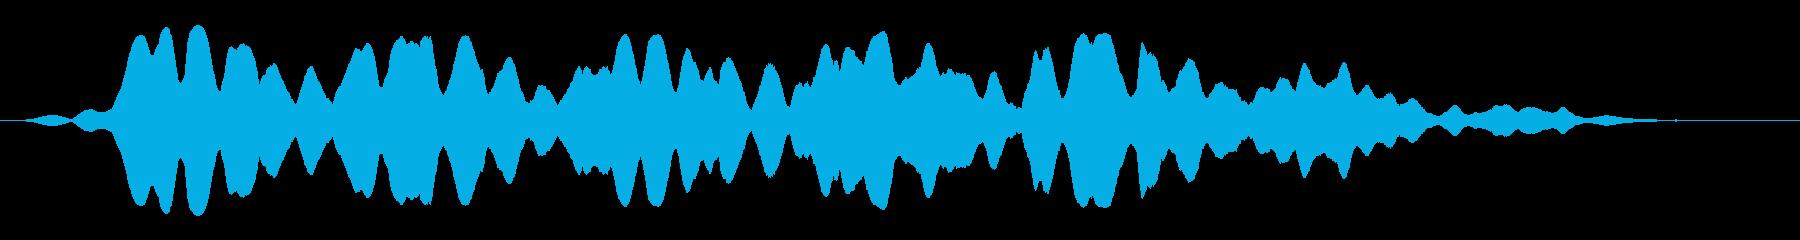 フゥワァーーーーンと飛ぶ飛行物体の再生済みの波形